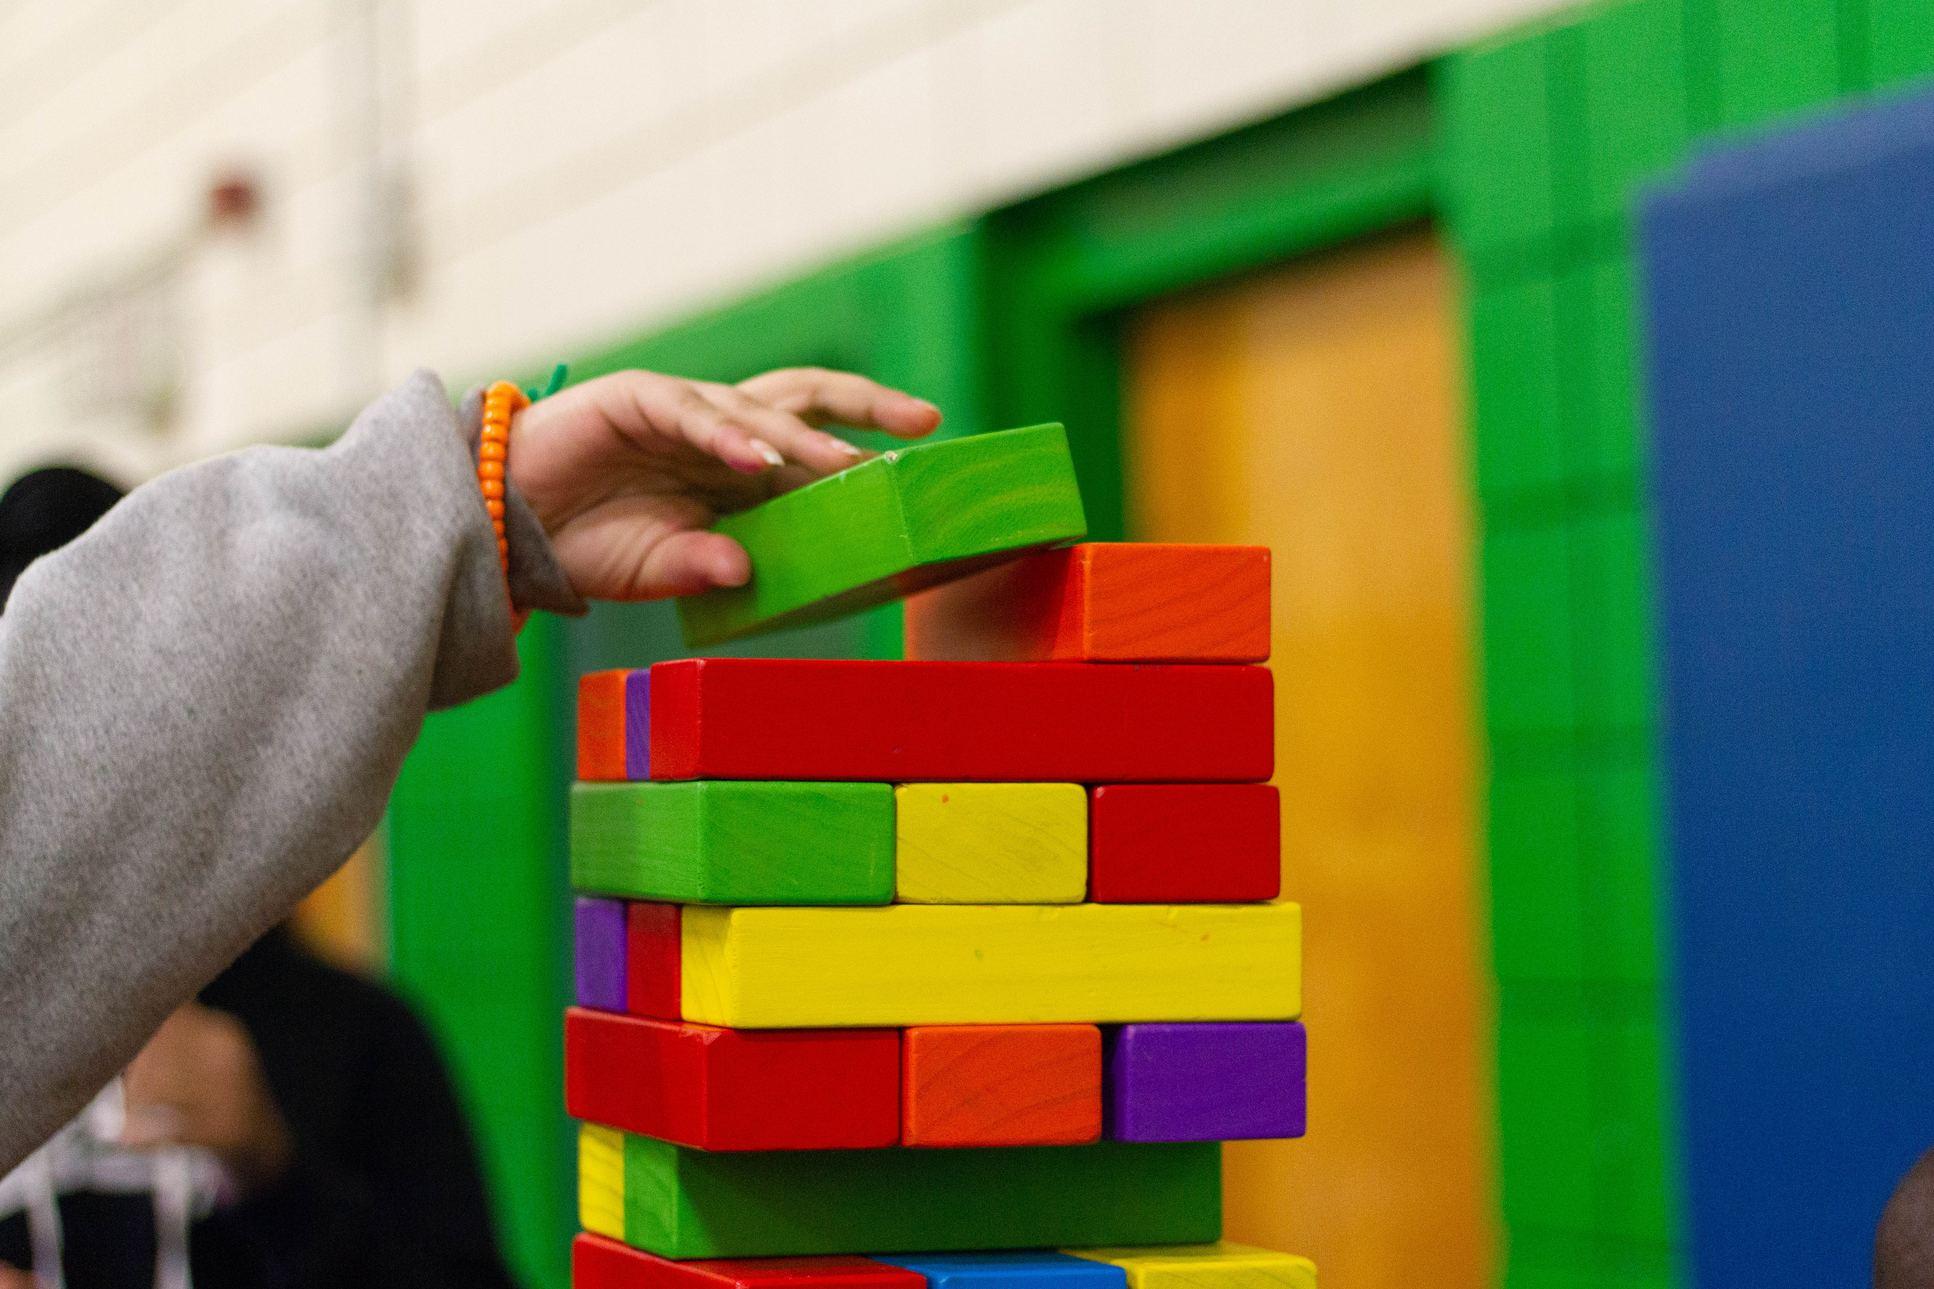 child's hand stacking blocks